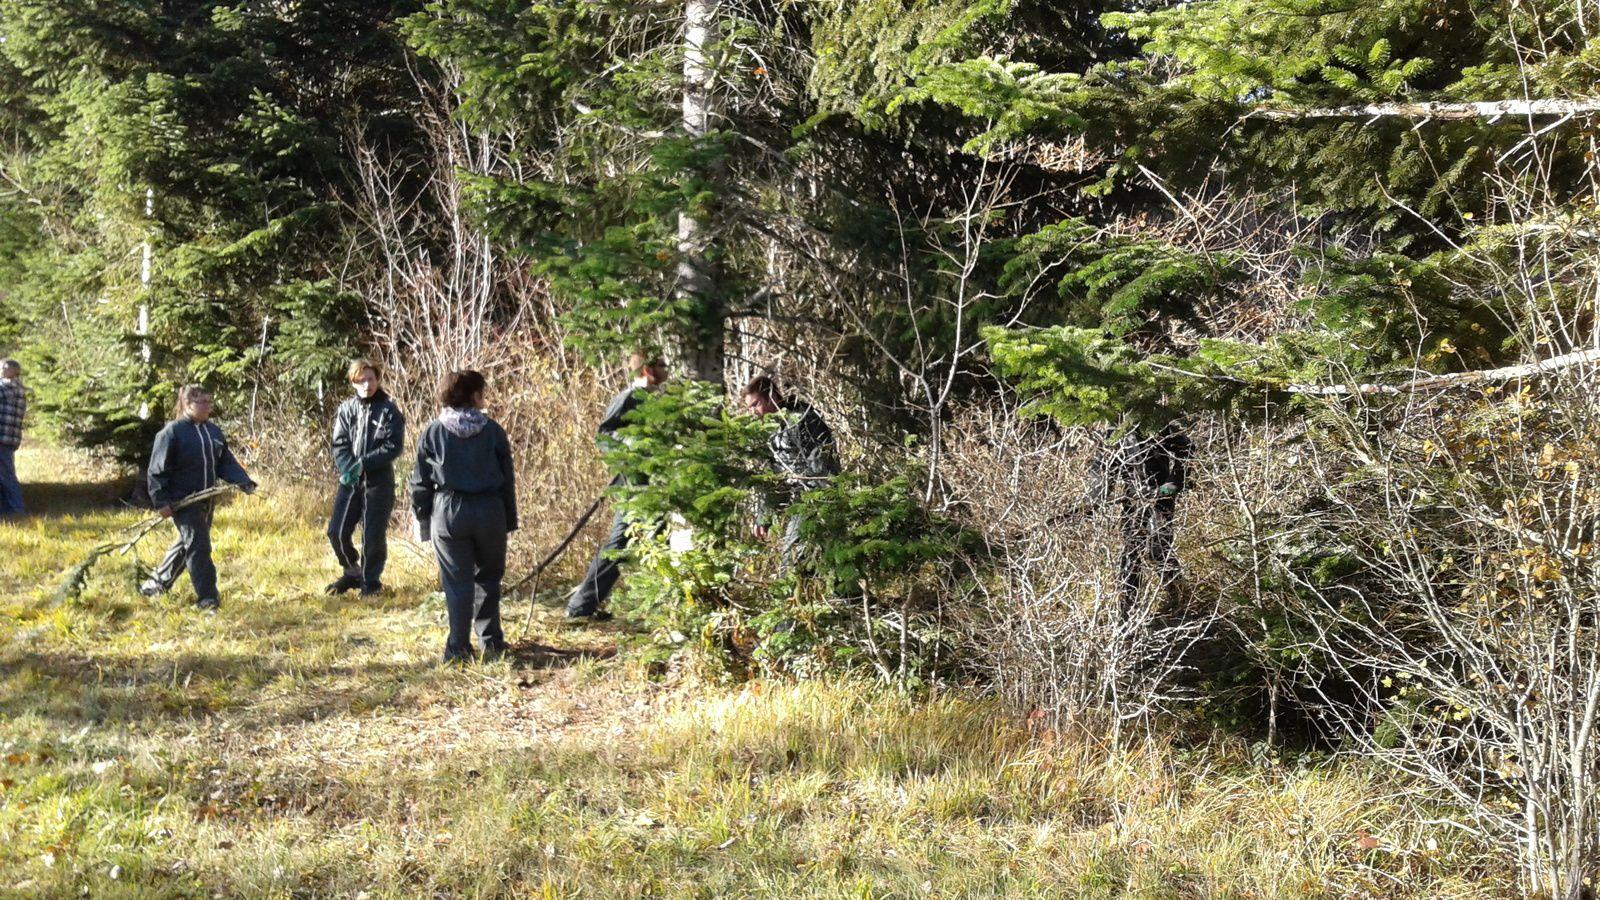 22 Novembre 2017: Première étape du projet décoration de Noel dans St Jo. Les élèves de 3ème SEGPA sont allé en forêt ( grâce à un accord avec l'ONF) pour récupérer des branches de sapin.